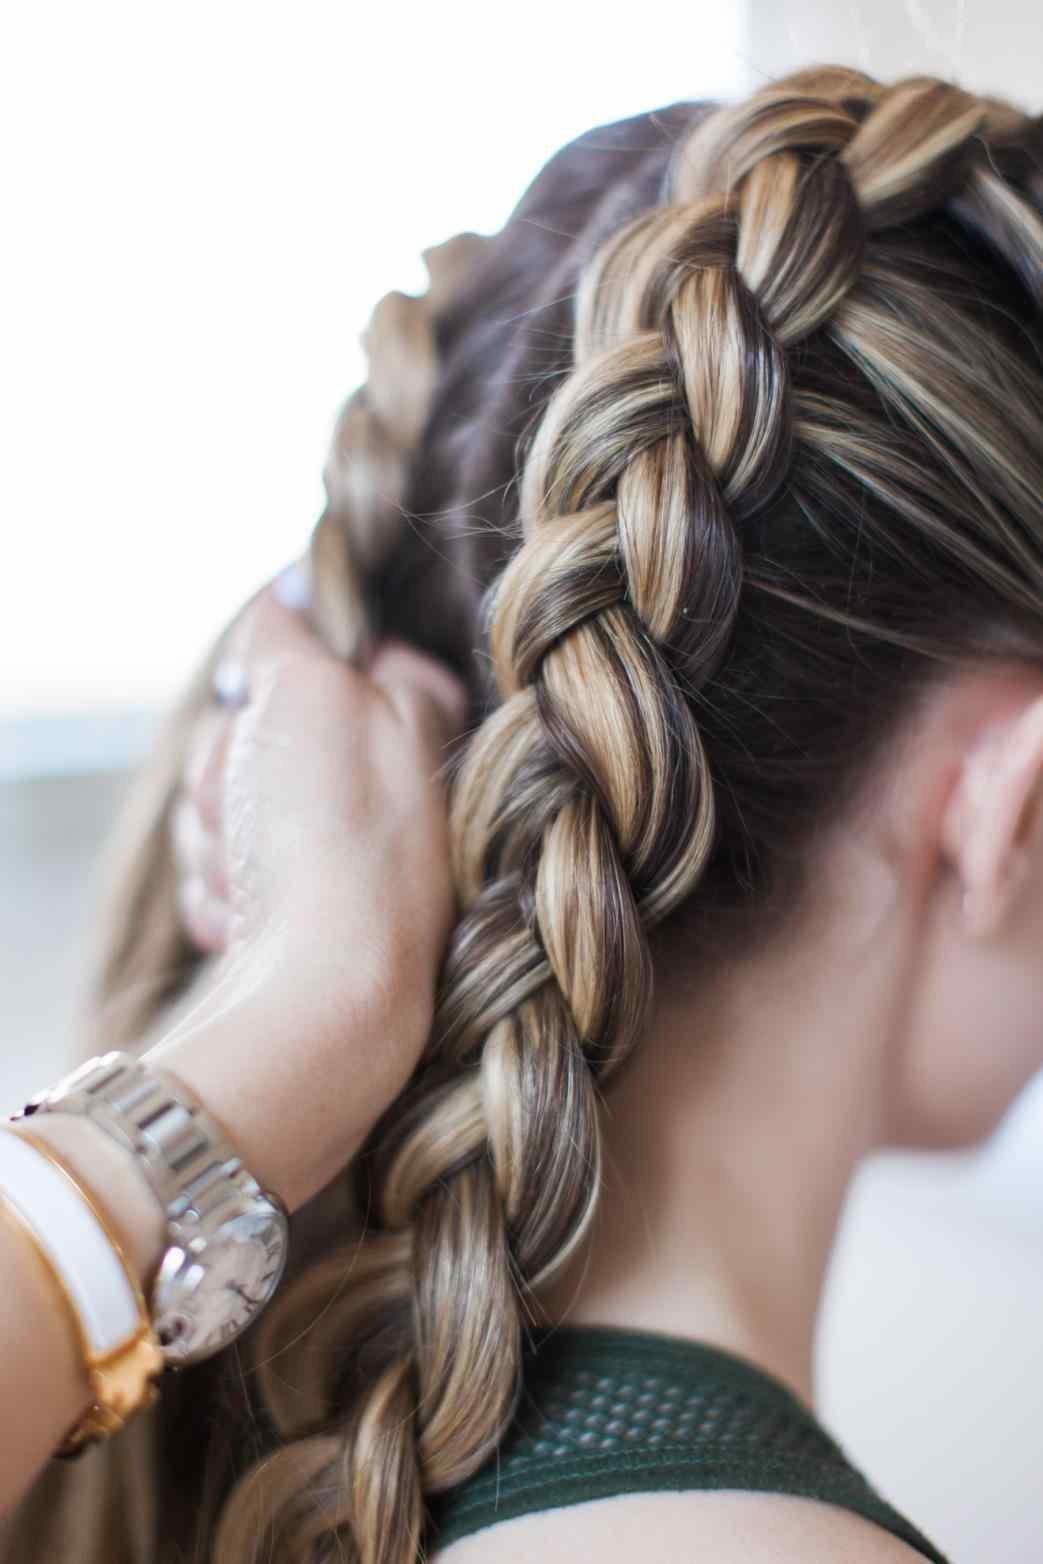 Плести французскую косу за 5 минут самостоятельно: пошаговые фото и видео инструкции